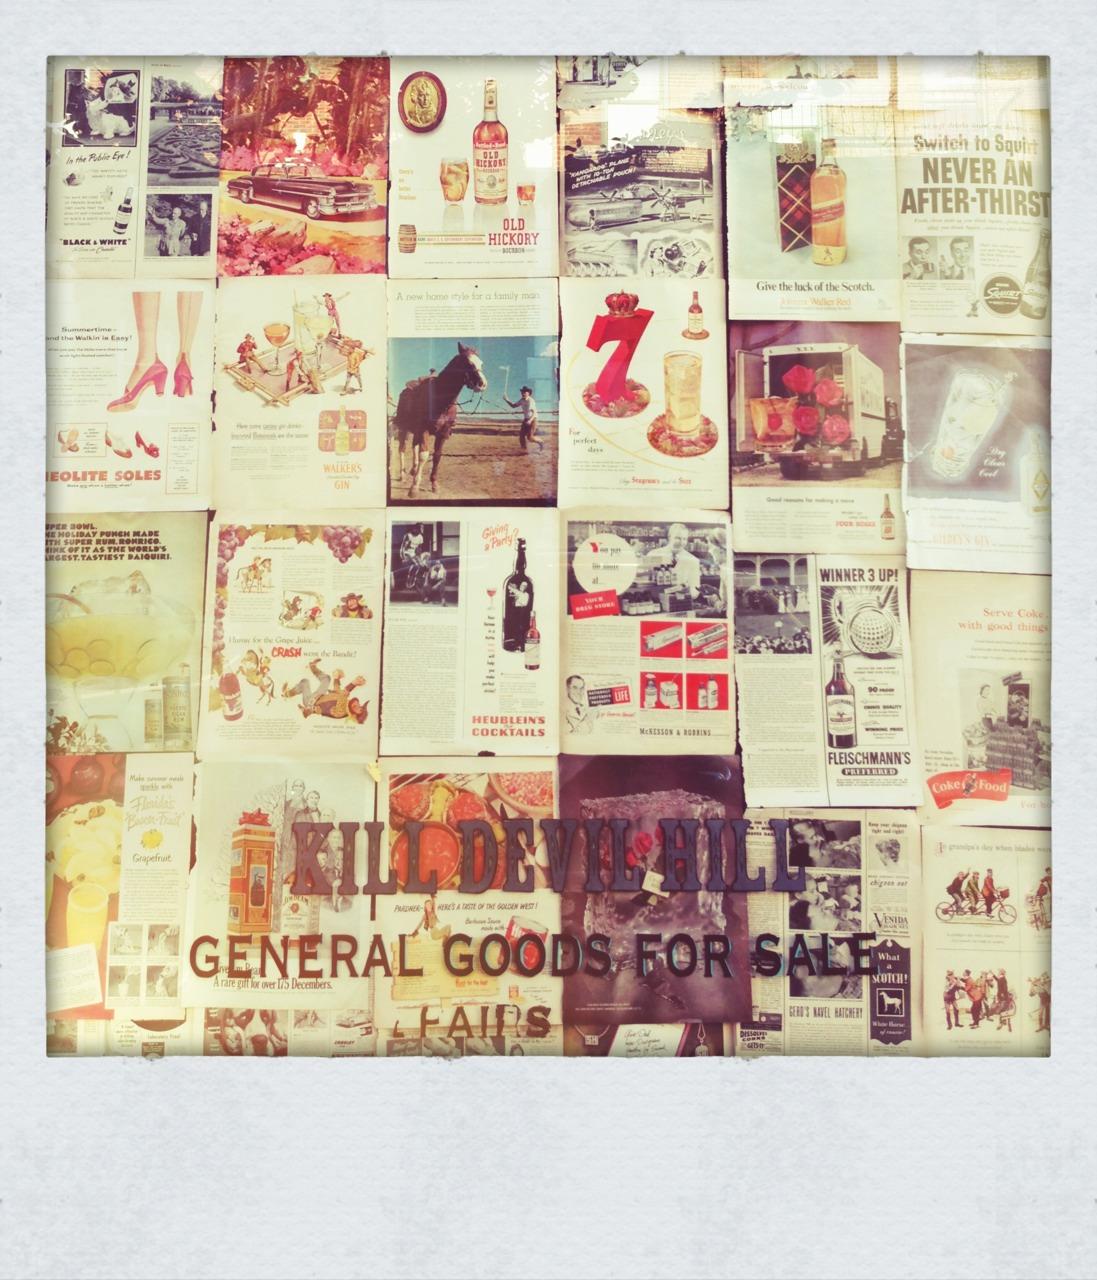 General Goods